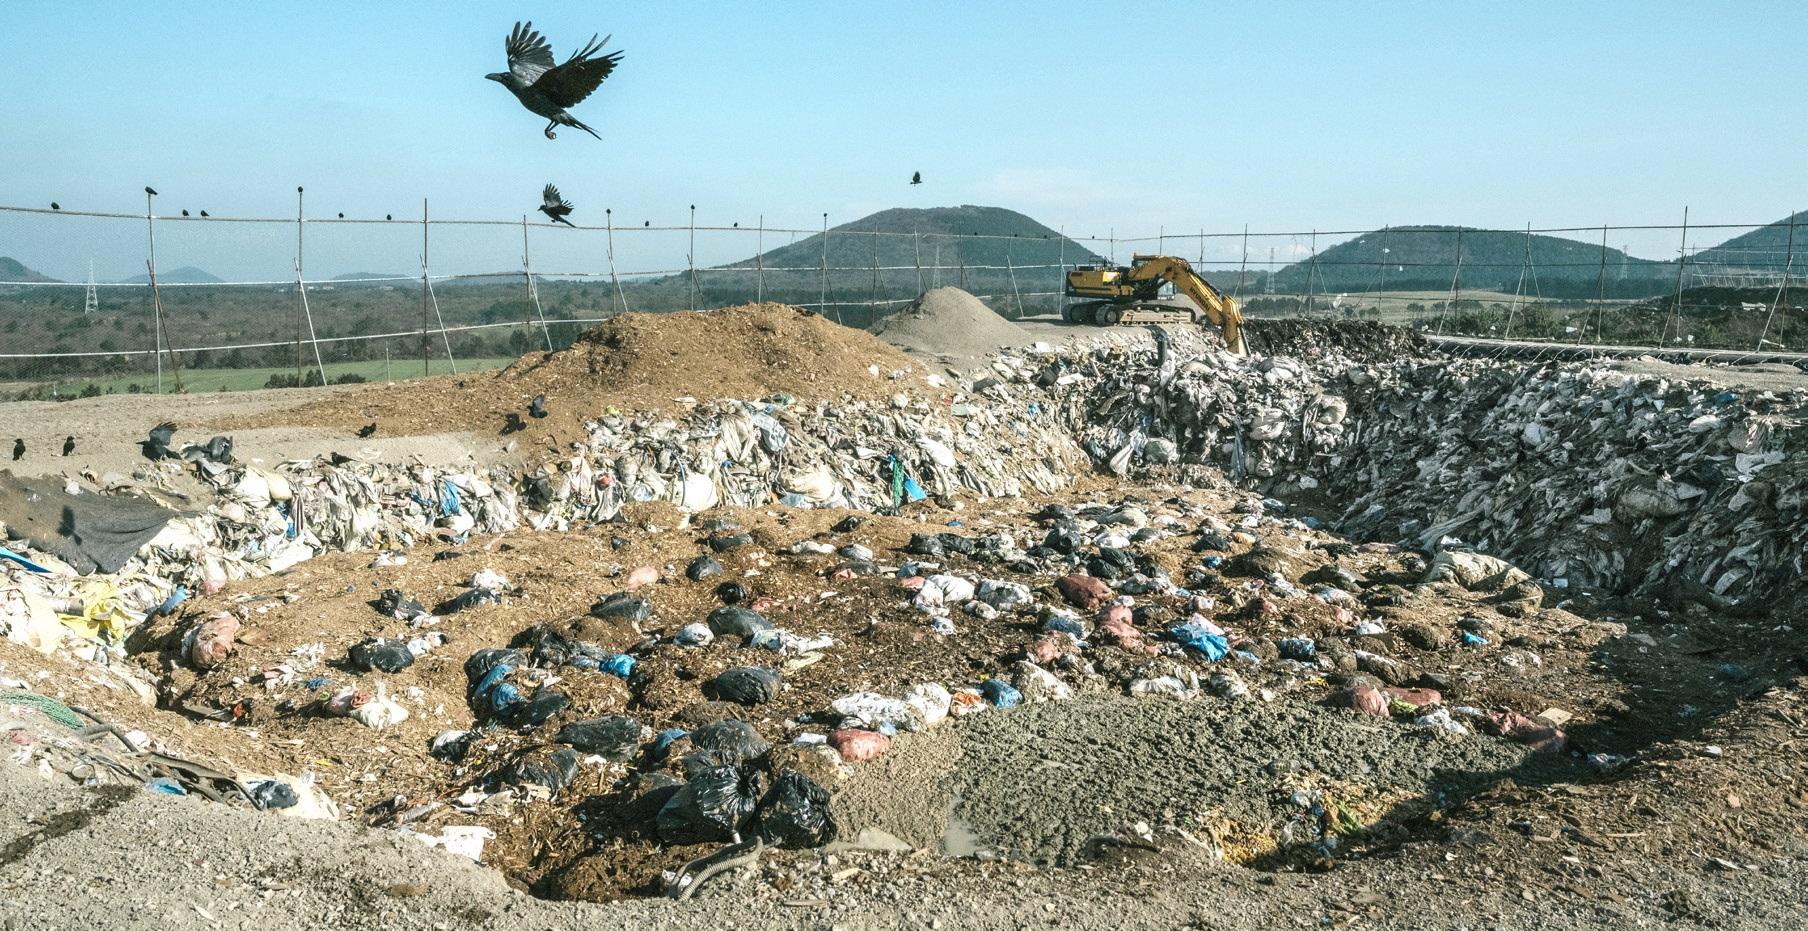 제주 봉개동 쓰레기 매립장에서 까마귀가 날아오르고 있다. 이곳 매립장은 이미 포화 상태로 1,800〜2,000t 가량의 쓰레기가 처리되지 못한 채 쌓여 있다.